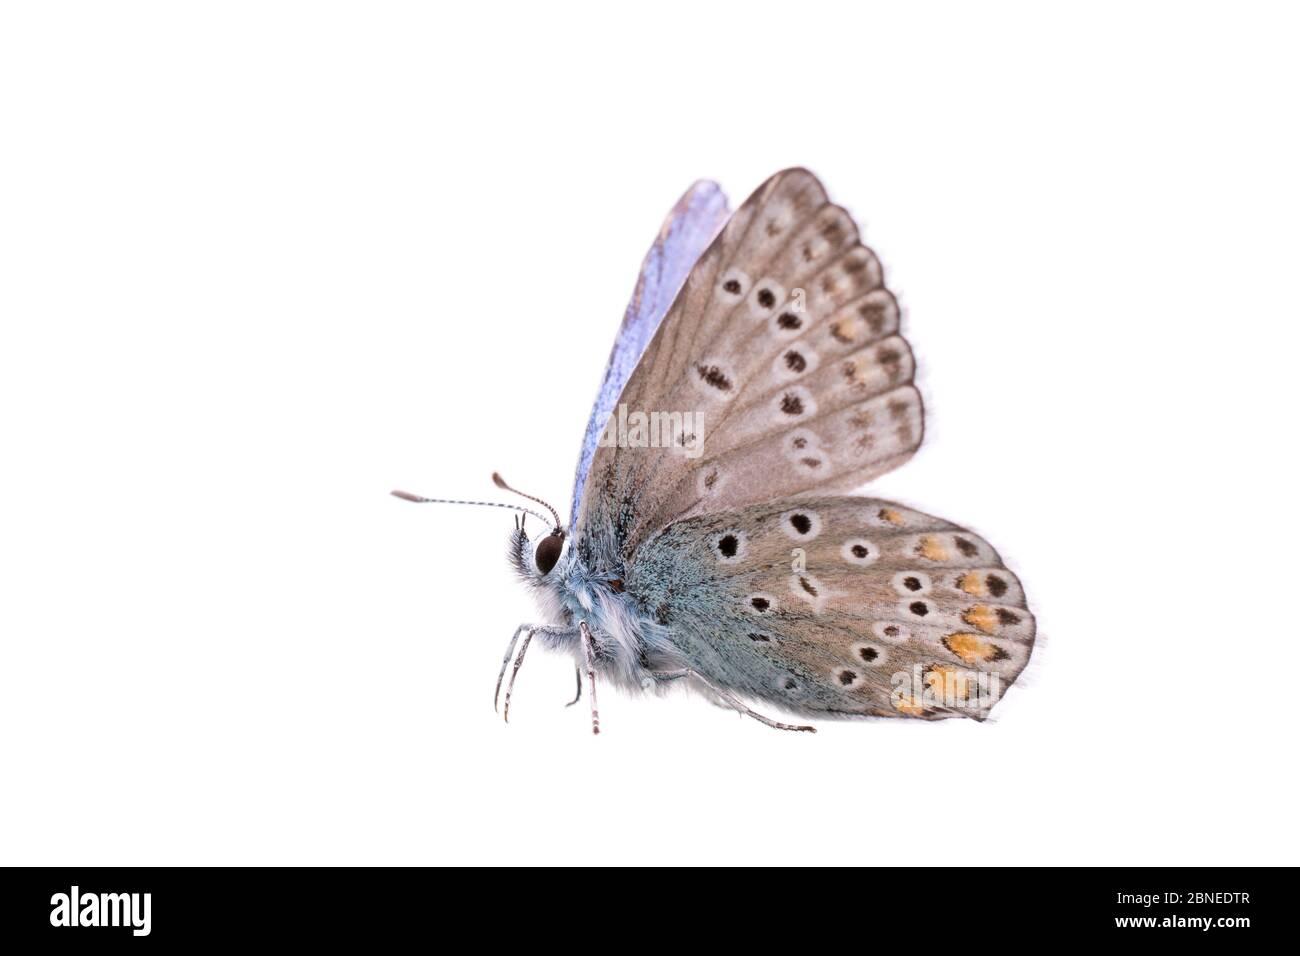 Mariposa azul común (Polyommatus icarus) macho, Francia, mayo de Meetyourneighbors.net proyecto Foto de stock